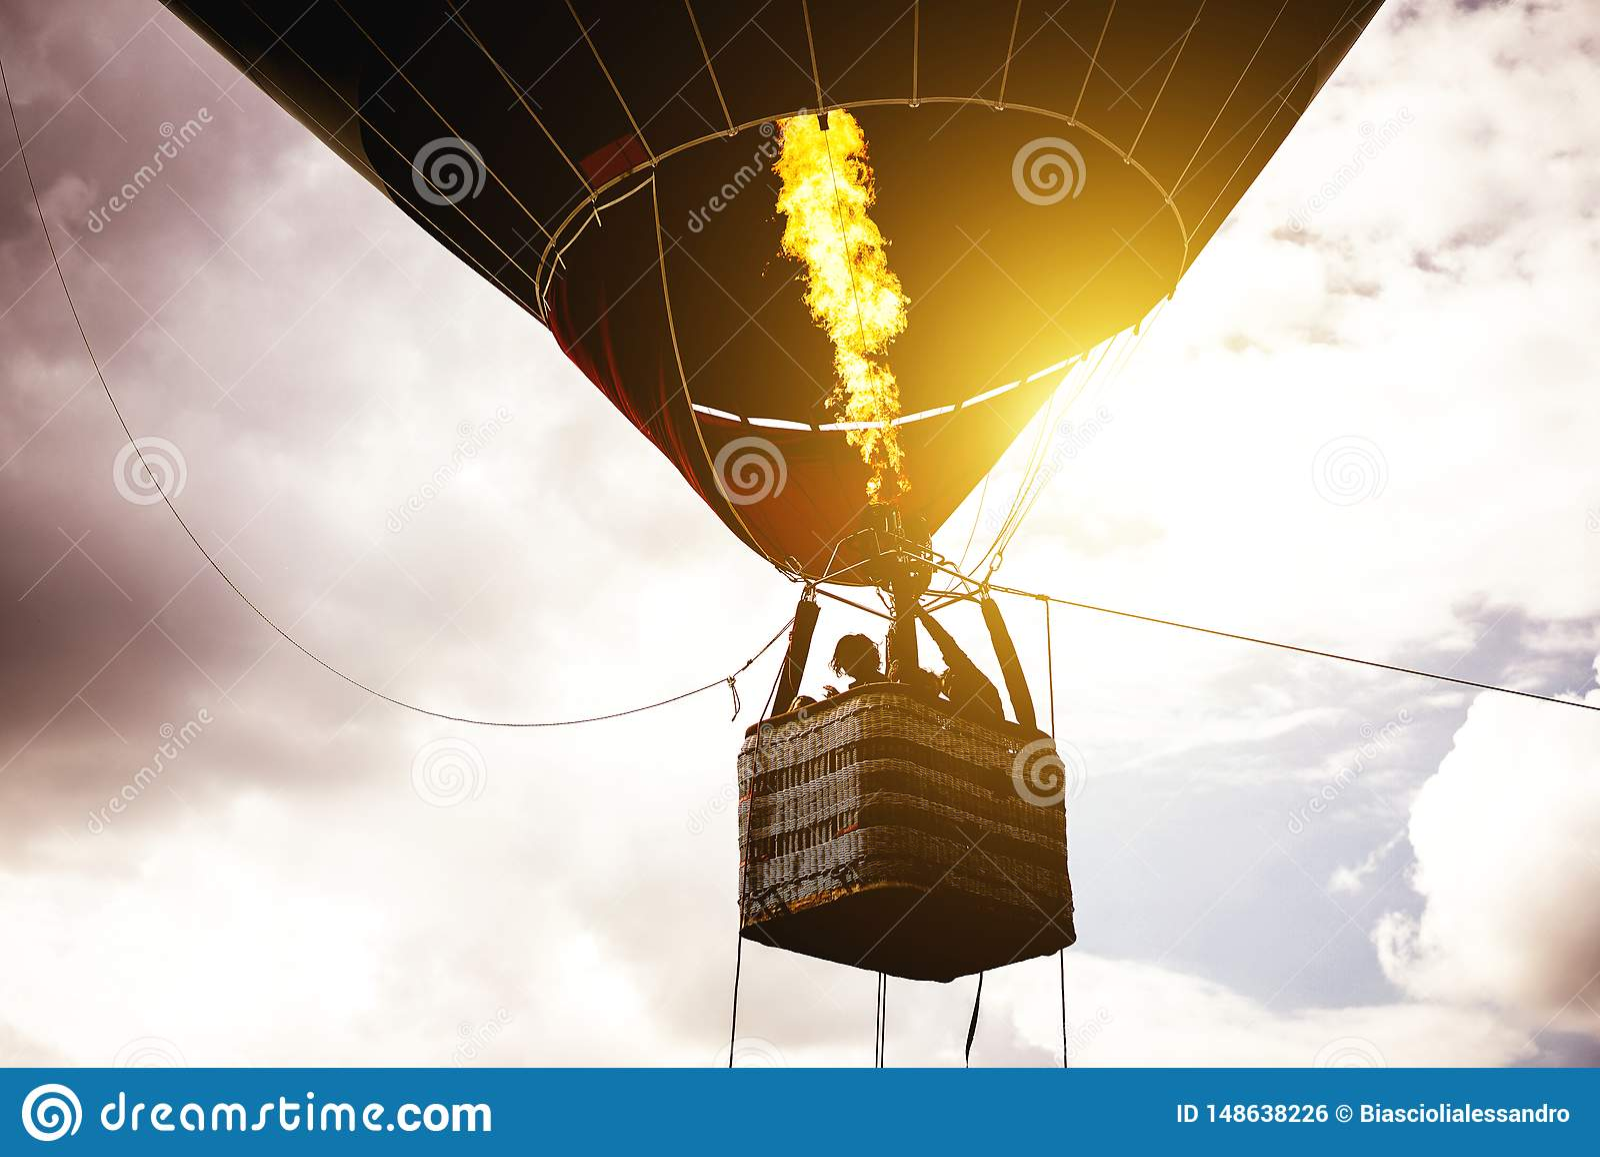 Voo do balão de ar quente em um céu nebuloso no nascer do sol - imagem do voo da silhueta do balão sobre o céu